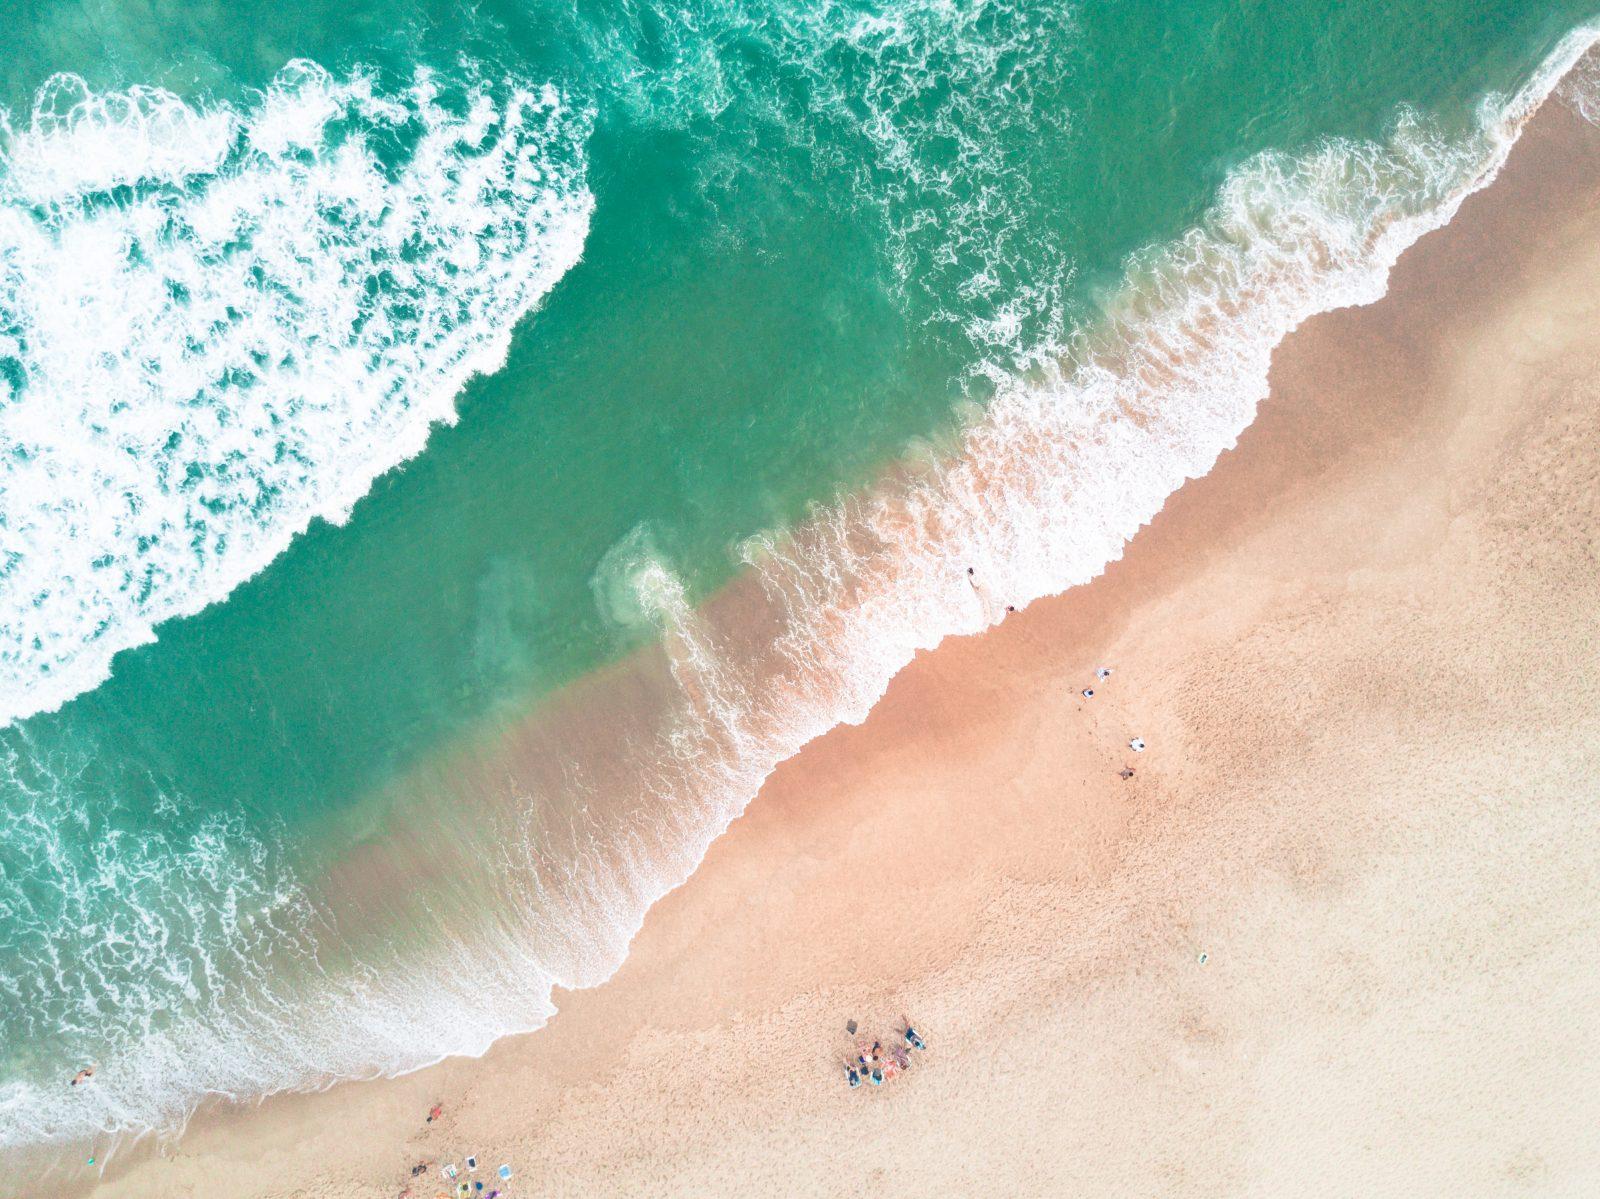 85d66e4f4726e Beach Aerial View - Free Stock Photos